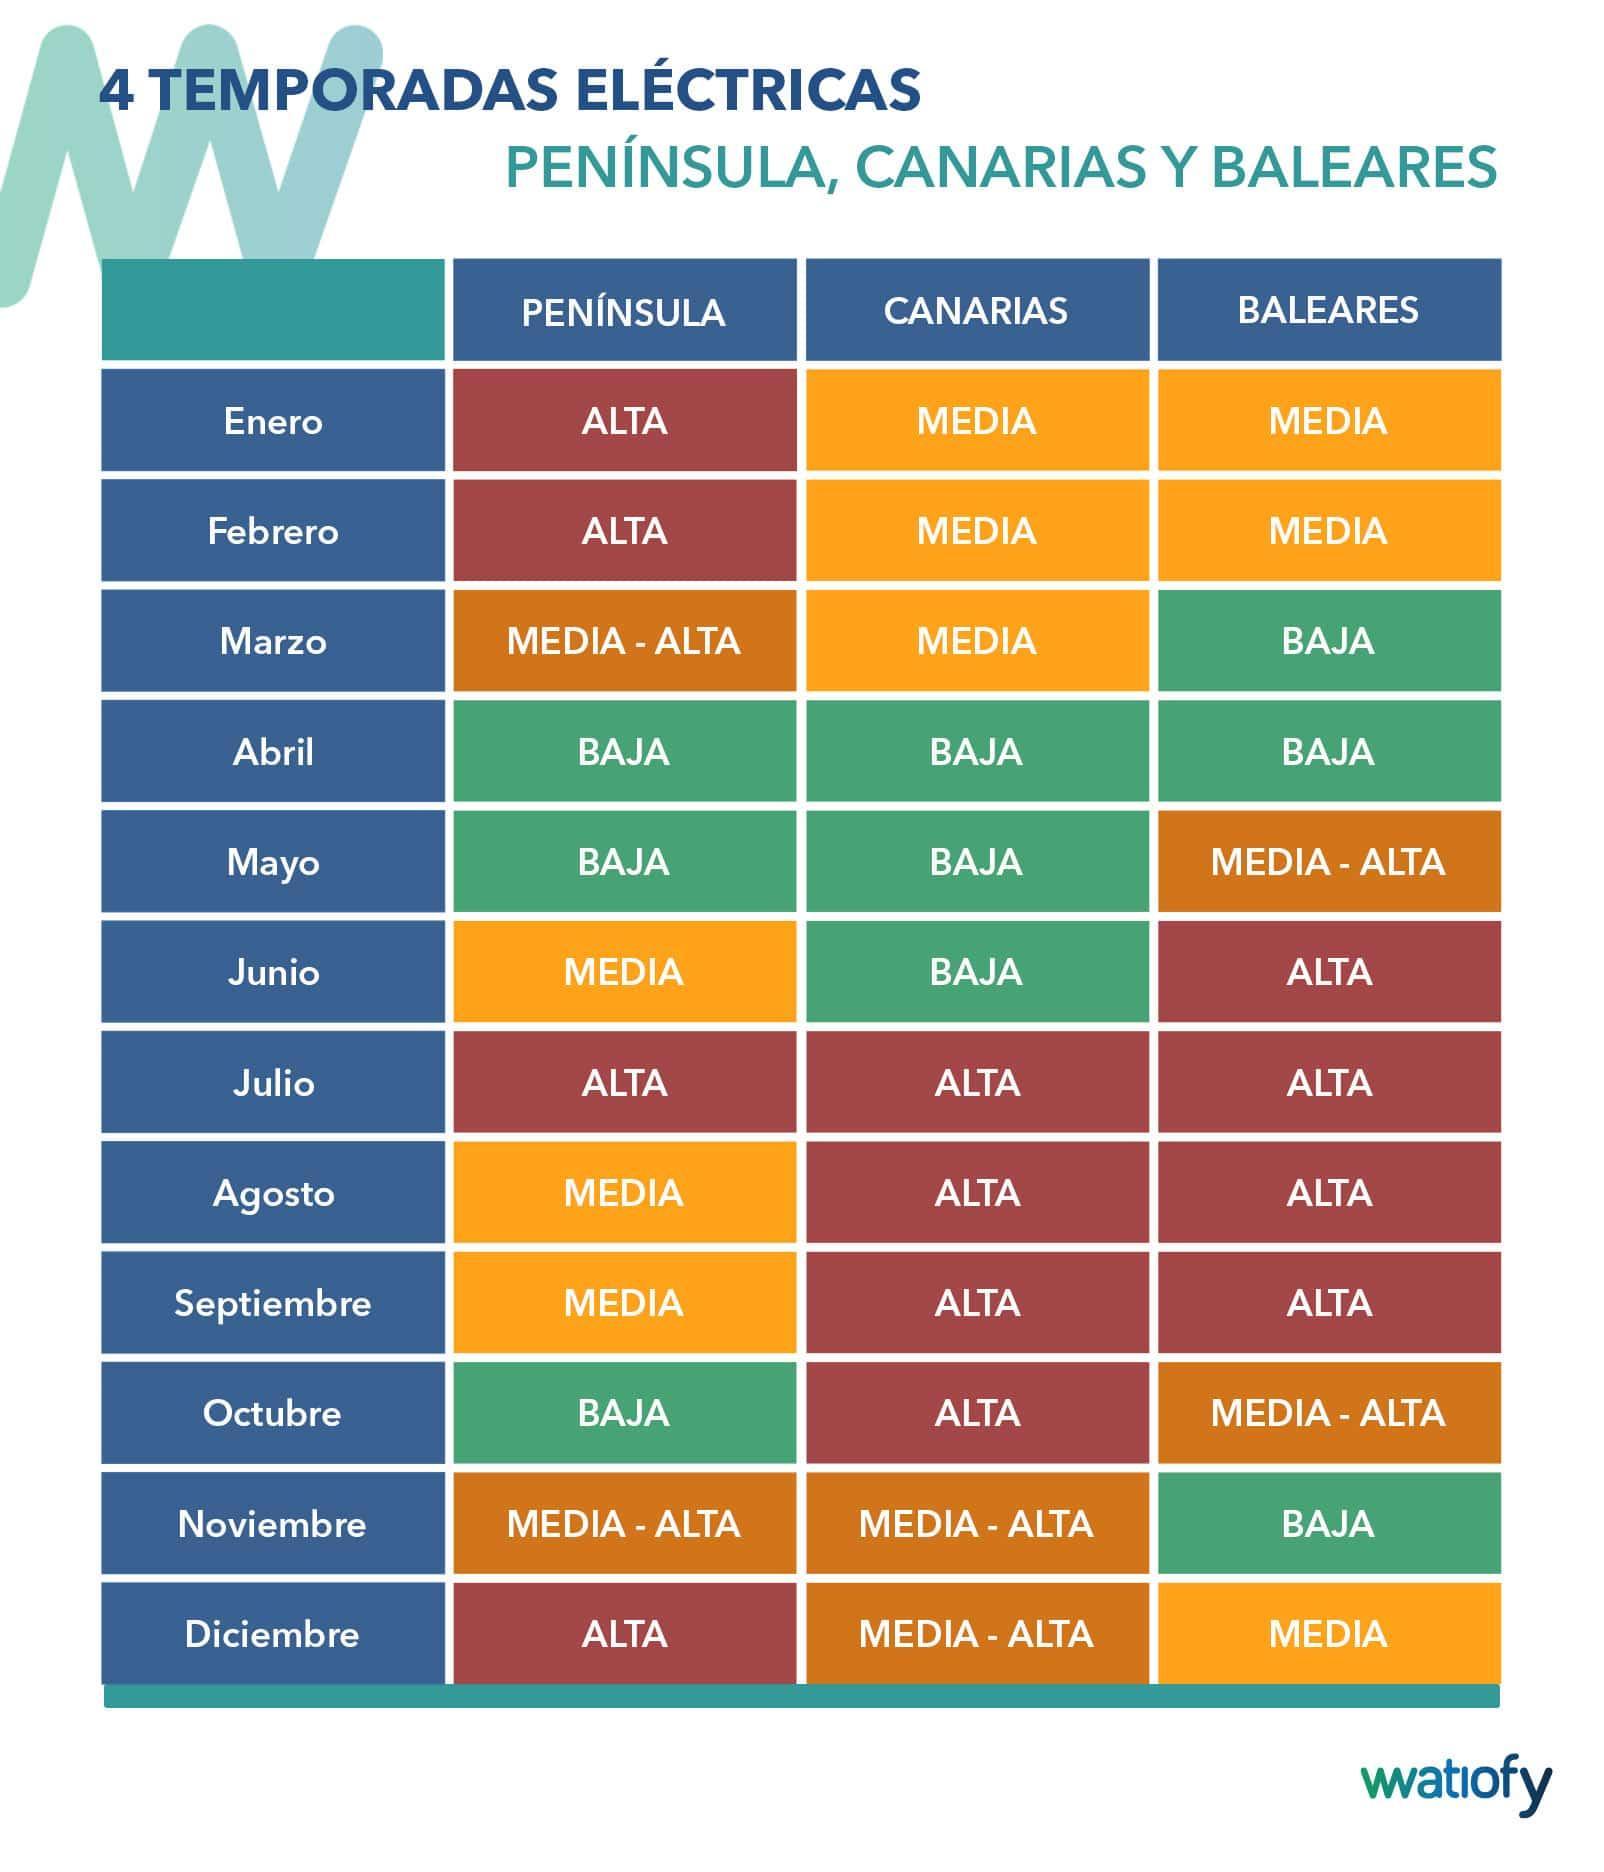 Temporadas eléctricas Ceuta y Melilla Tarifas 3.0TD y 6.X TD